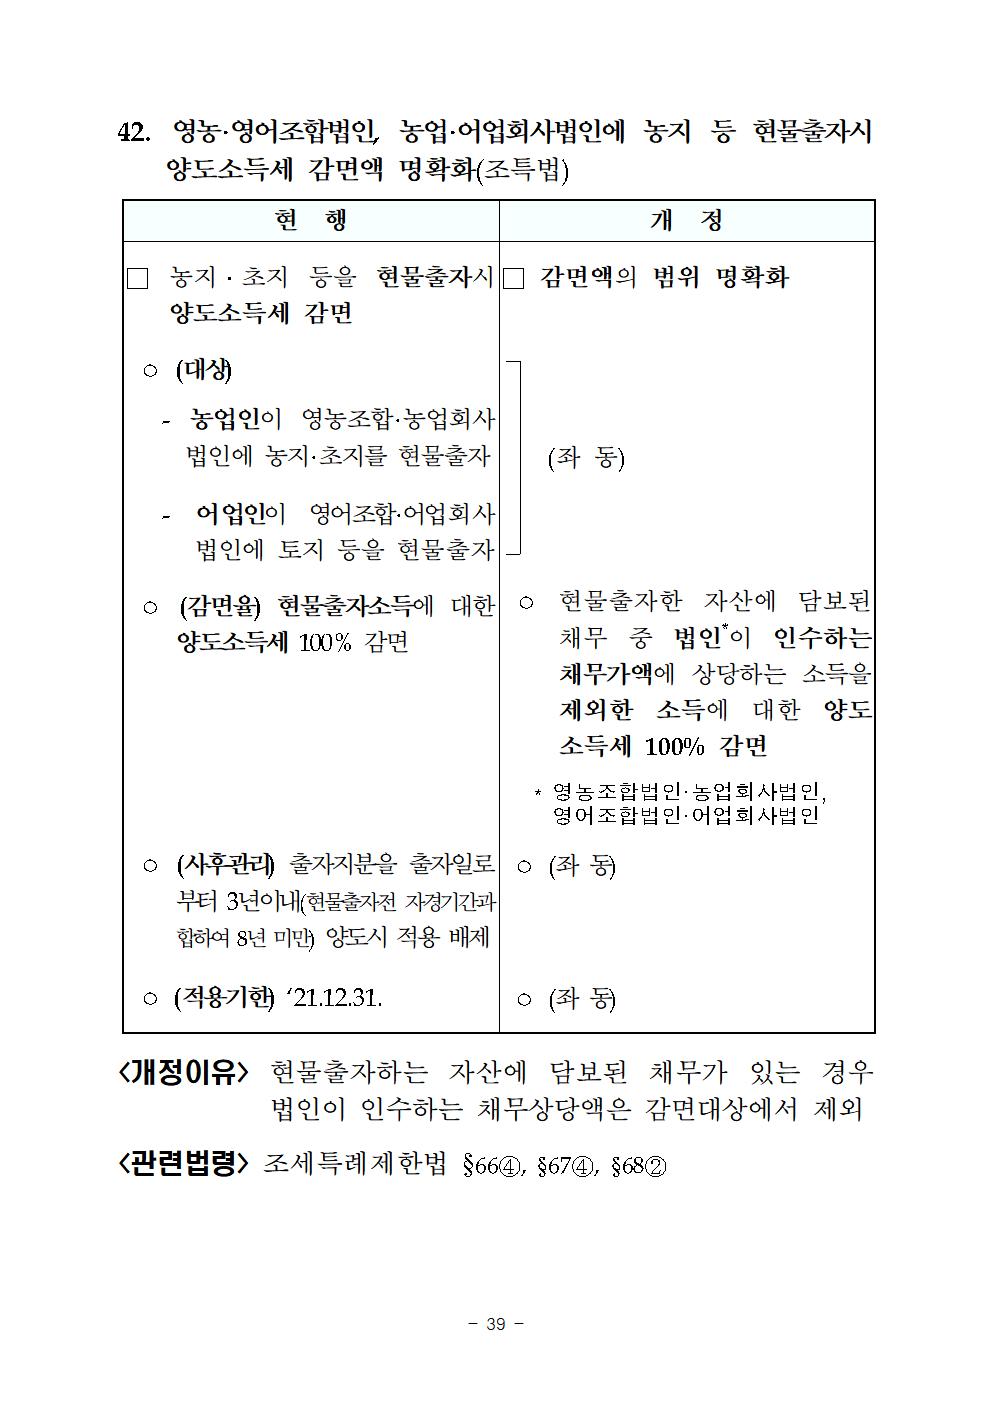 2019년세법개정내용(양도소득세분야)044.png